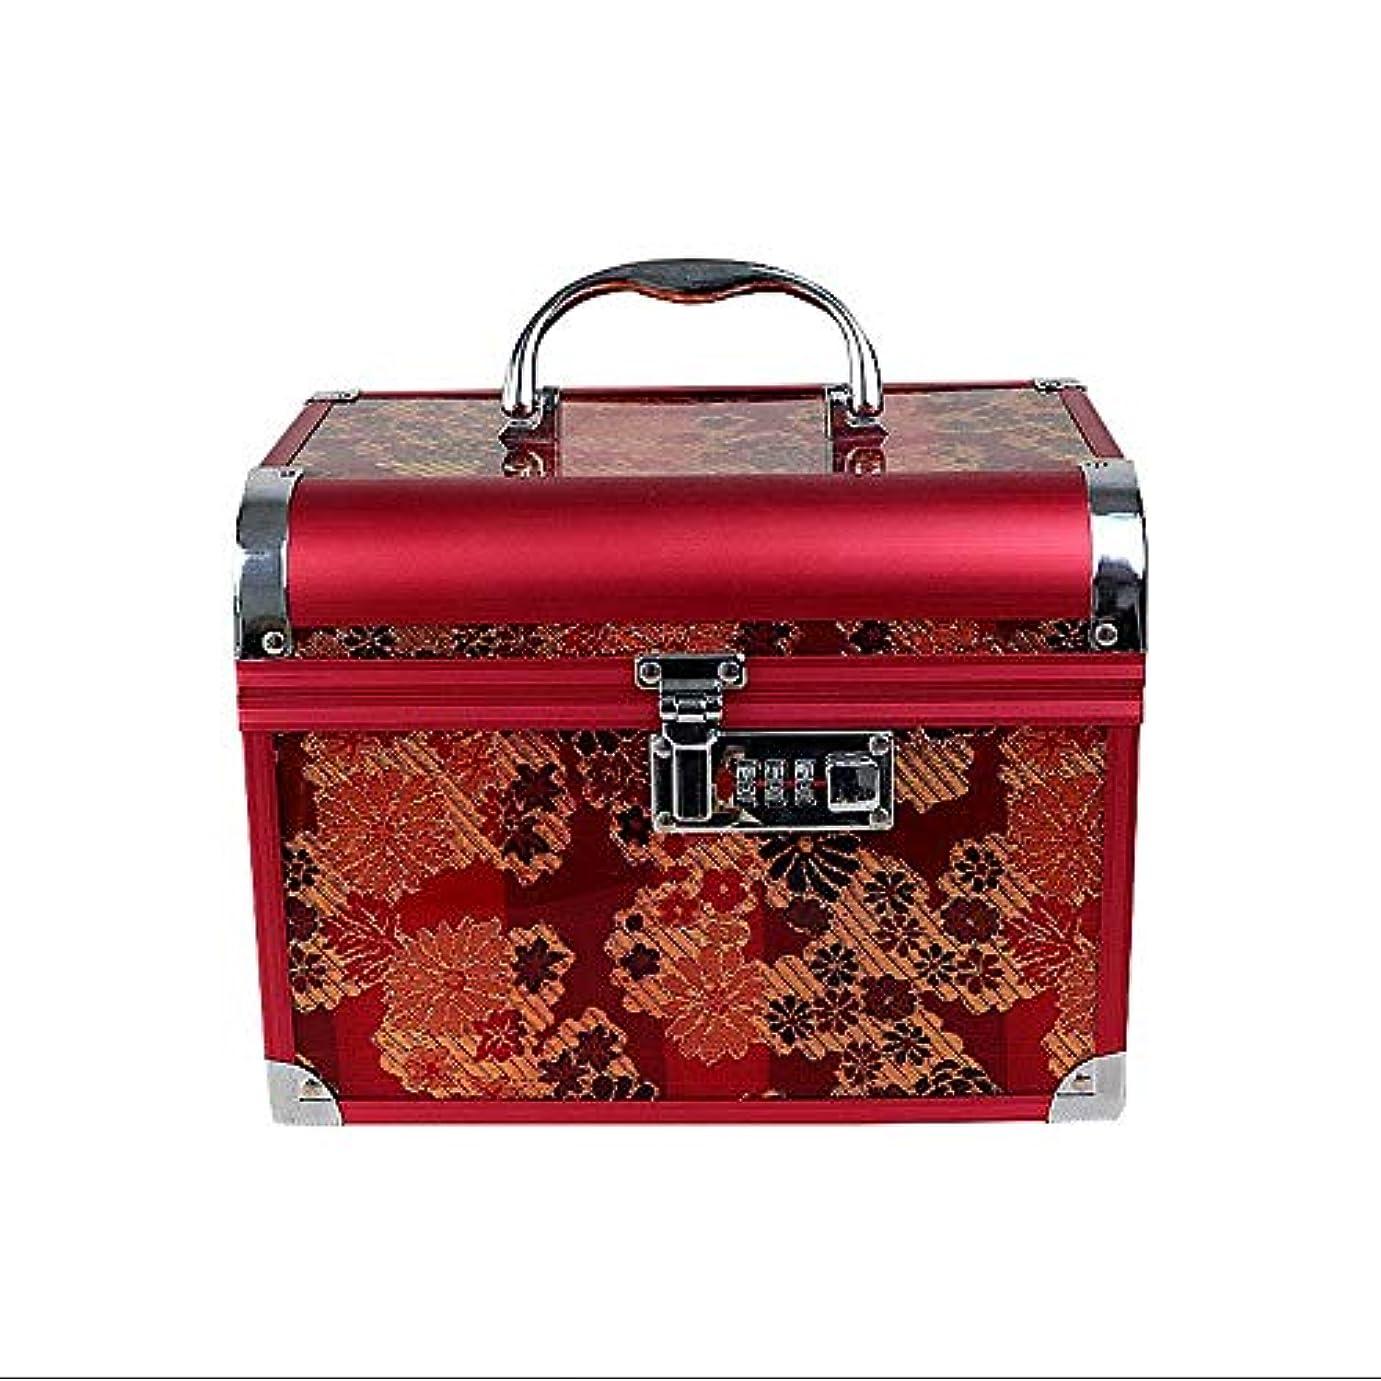 関数繊維移民化粧オーガナイザーバッグ 美容メイクアップのための大容量ポータブル化粧ケース、女性用女性用旅行用品、コード付きロック付き折り畳みトレイ 化粧品ケース